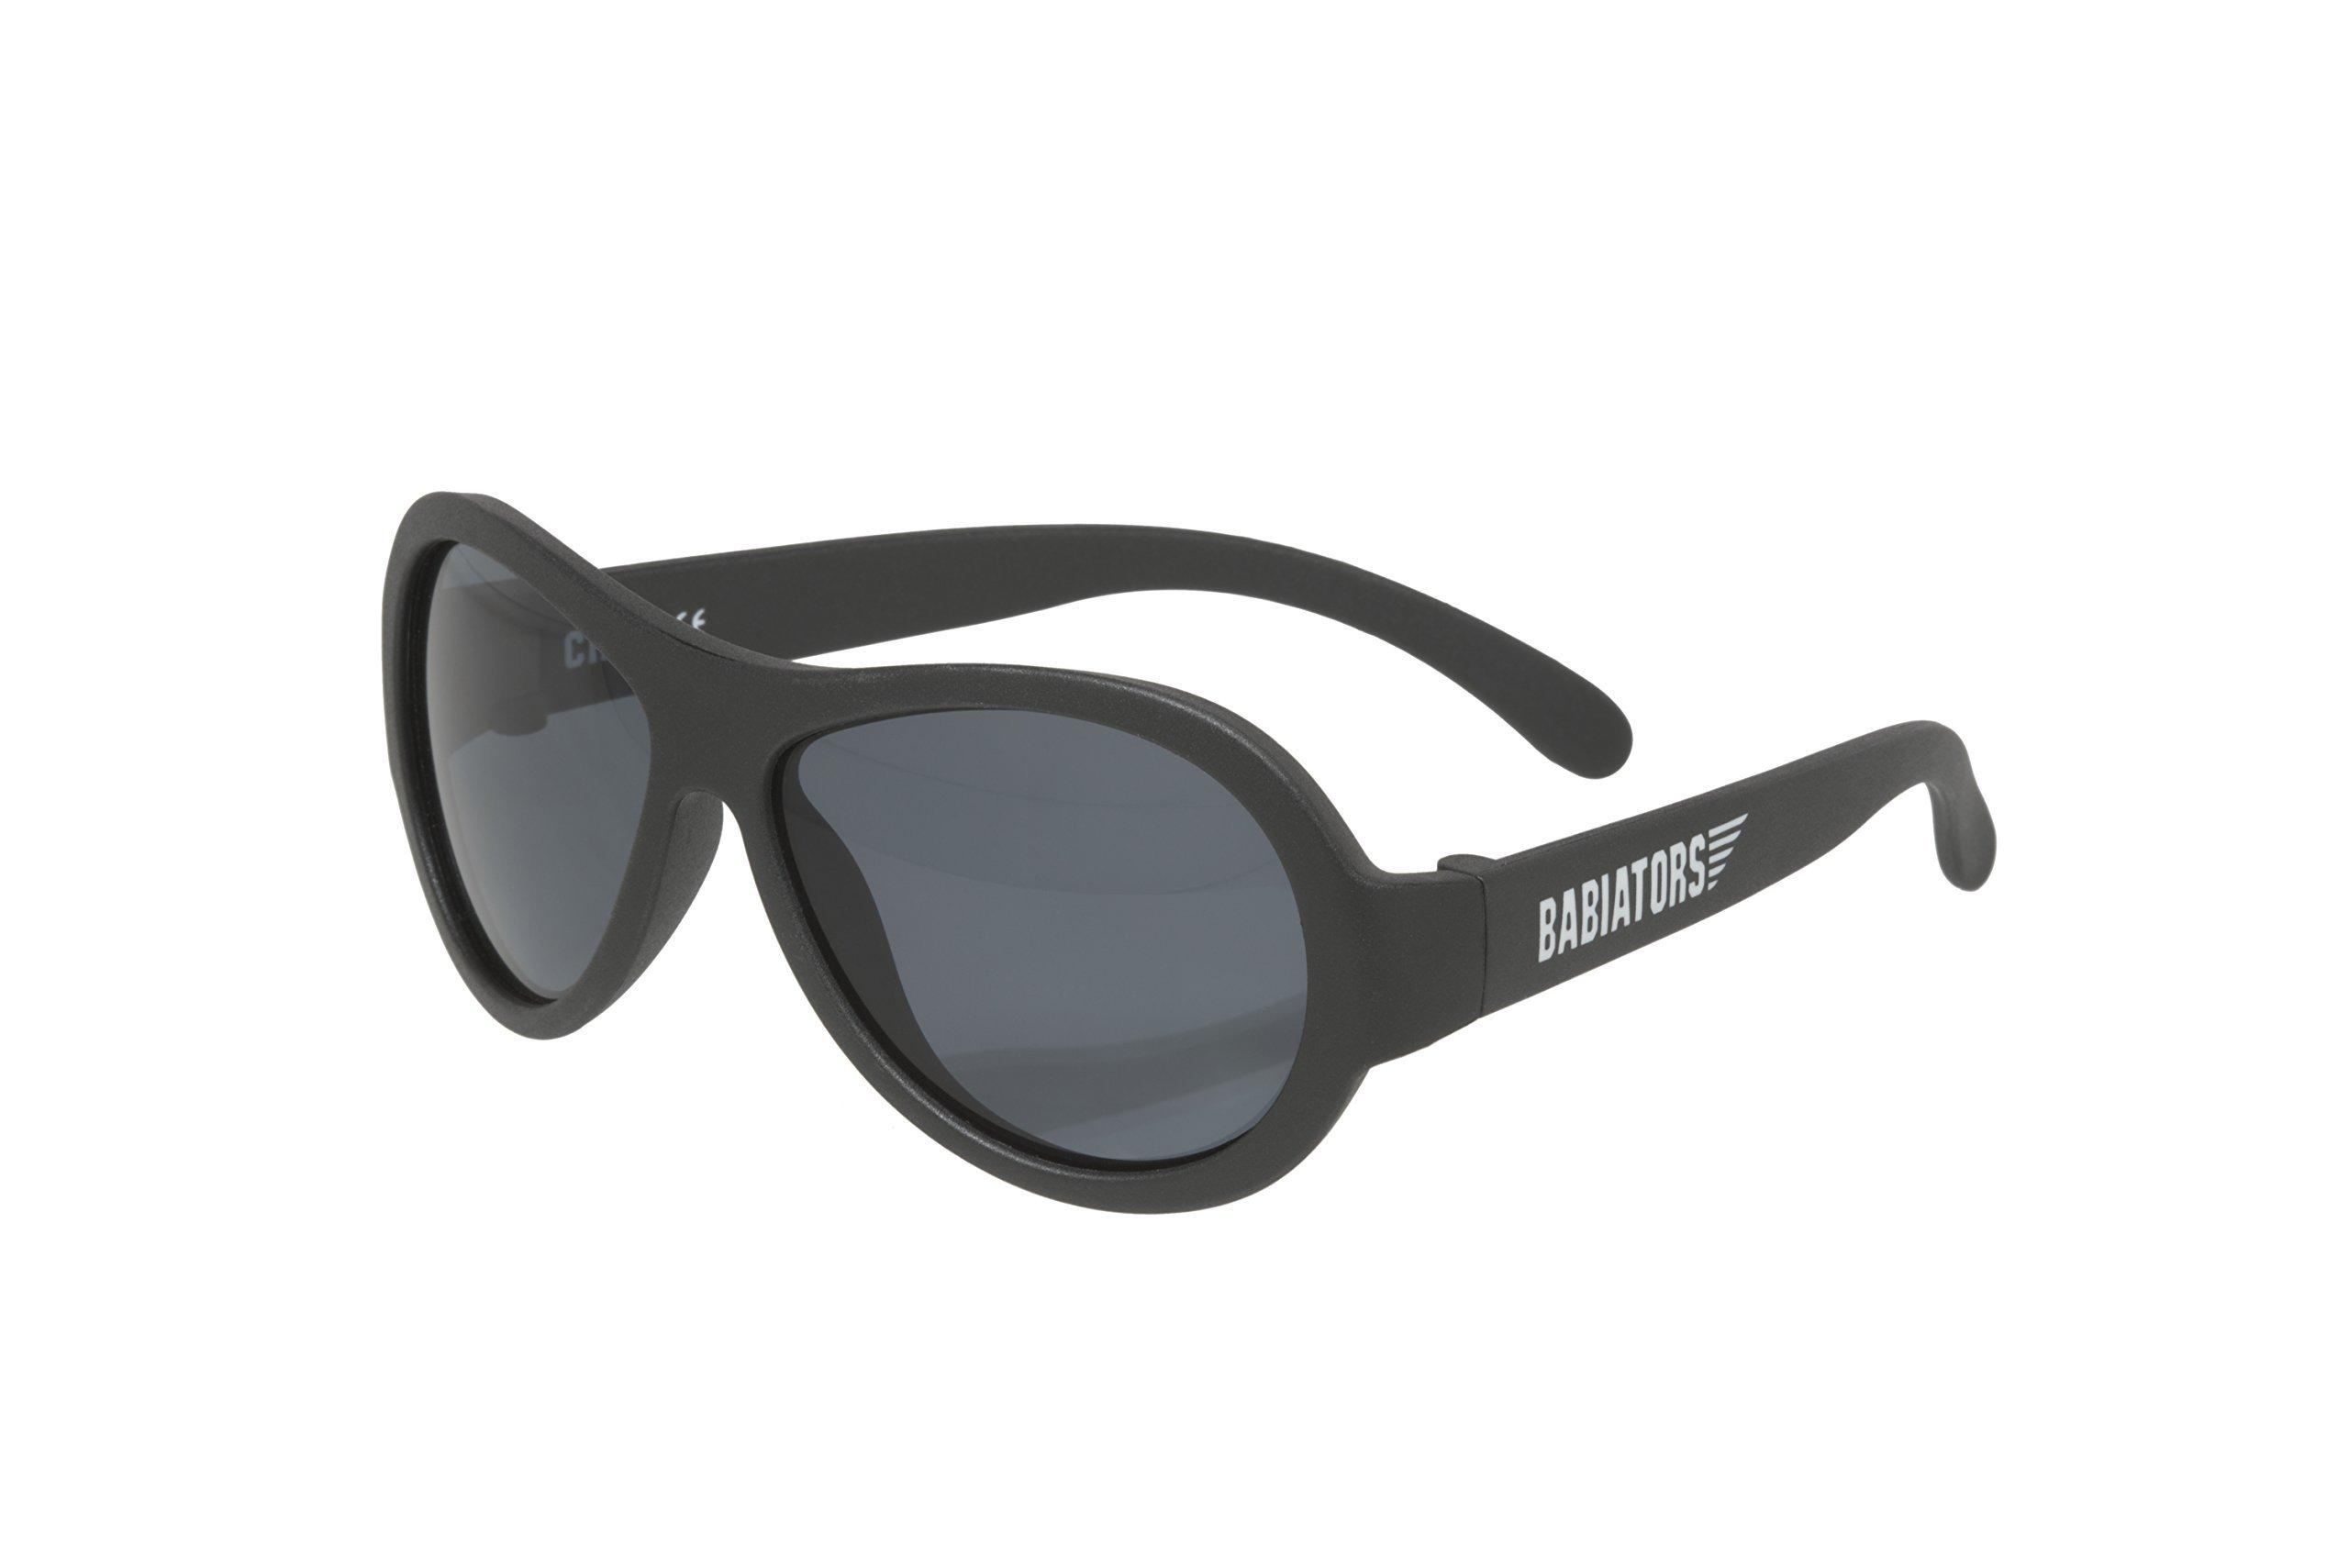 Babiators Original Aviator Sunglasses, Black Ops Black Junior (0-2 years)